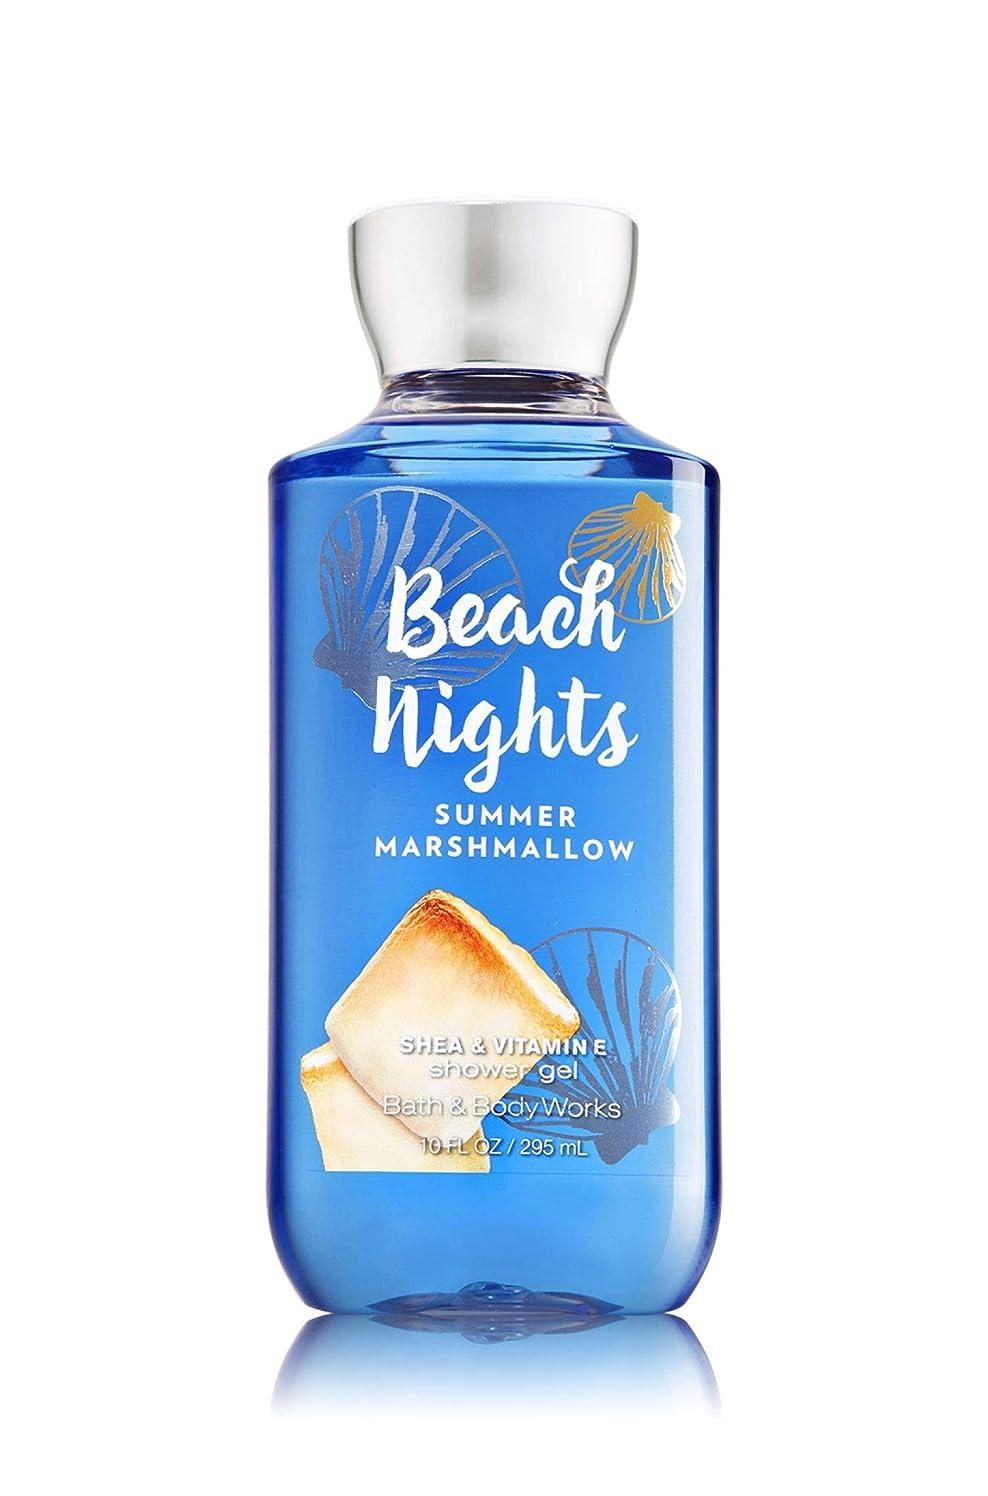 発火する尋ねる迫害【Bath&Body Works/バス&ボディワークス】 シャワージェル サマーマシュマロ Shower Gel Beach Nights Summer Marshmallow 10 fl oz / 295 mL [並行輸入品]